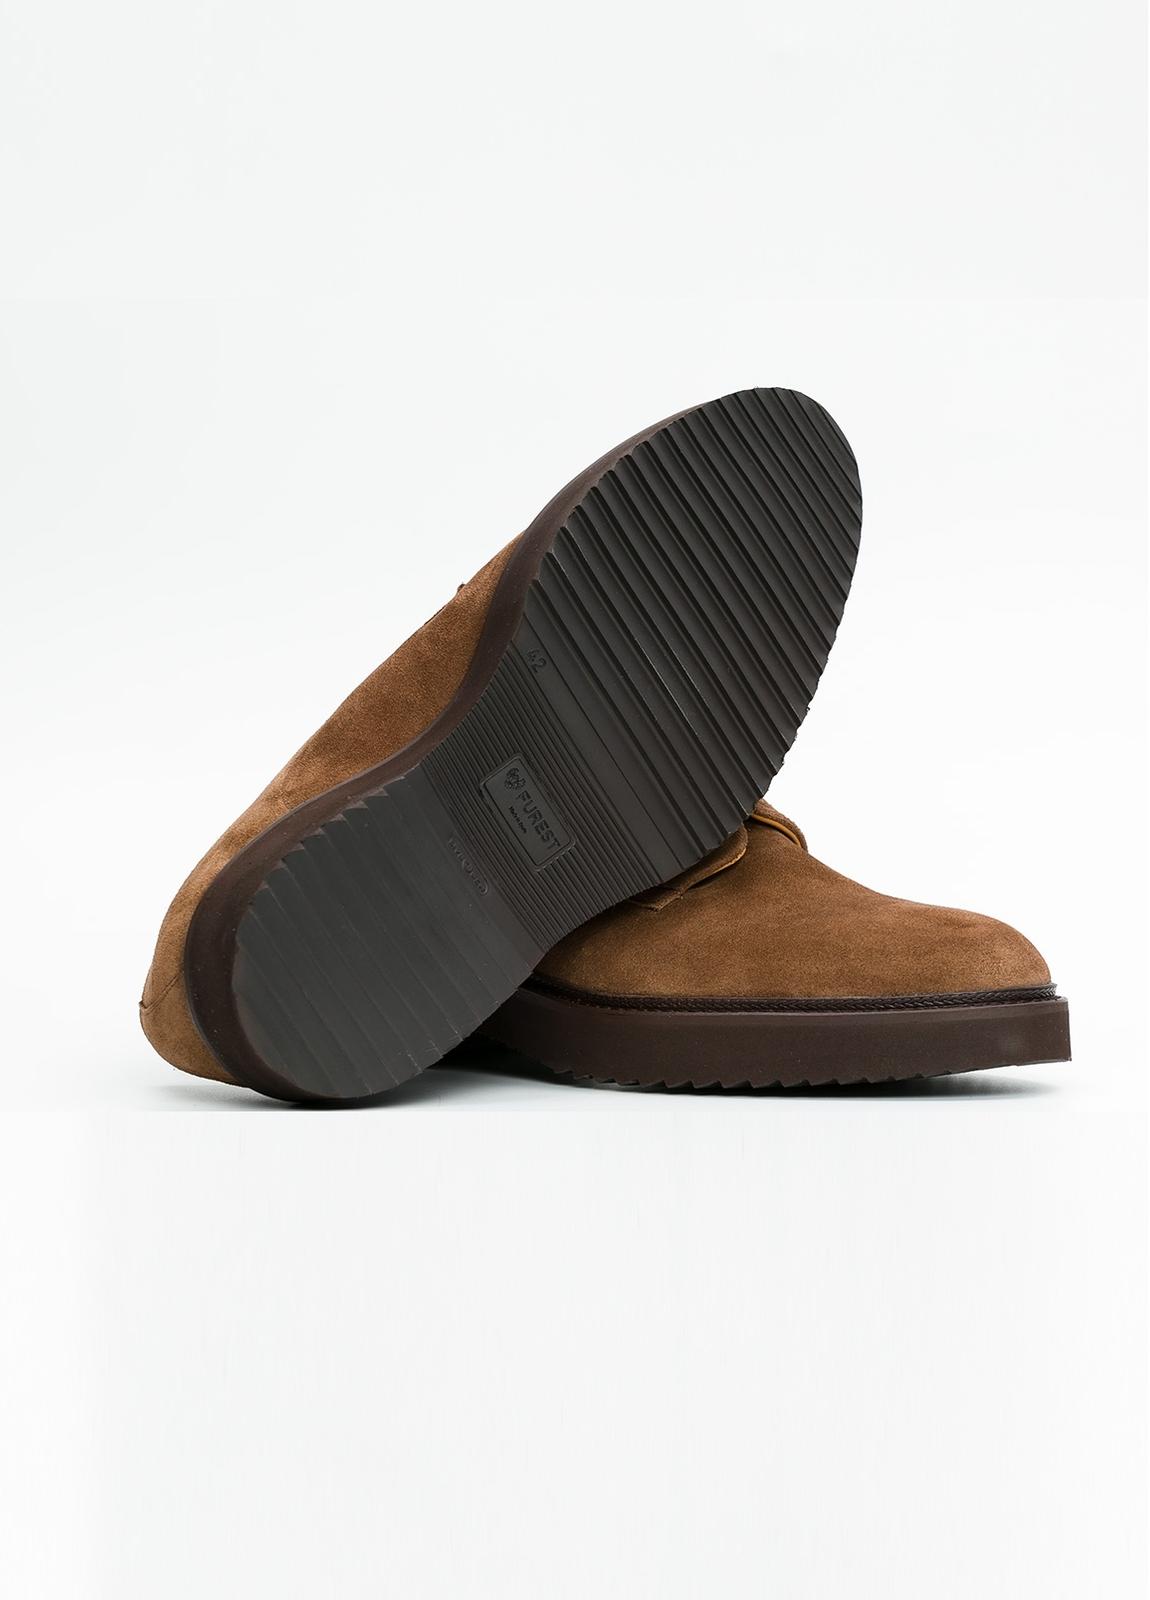 Zapato Sport Wear color tostado. 100% Serraje. - Ítem3